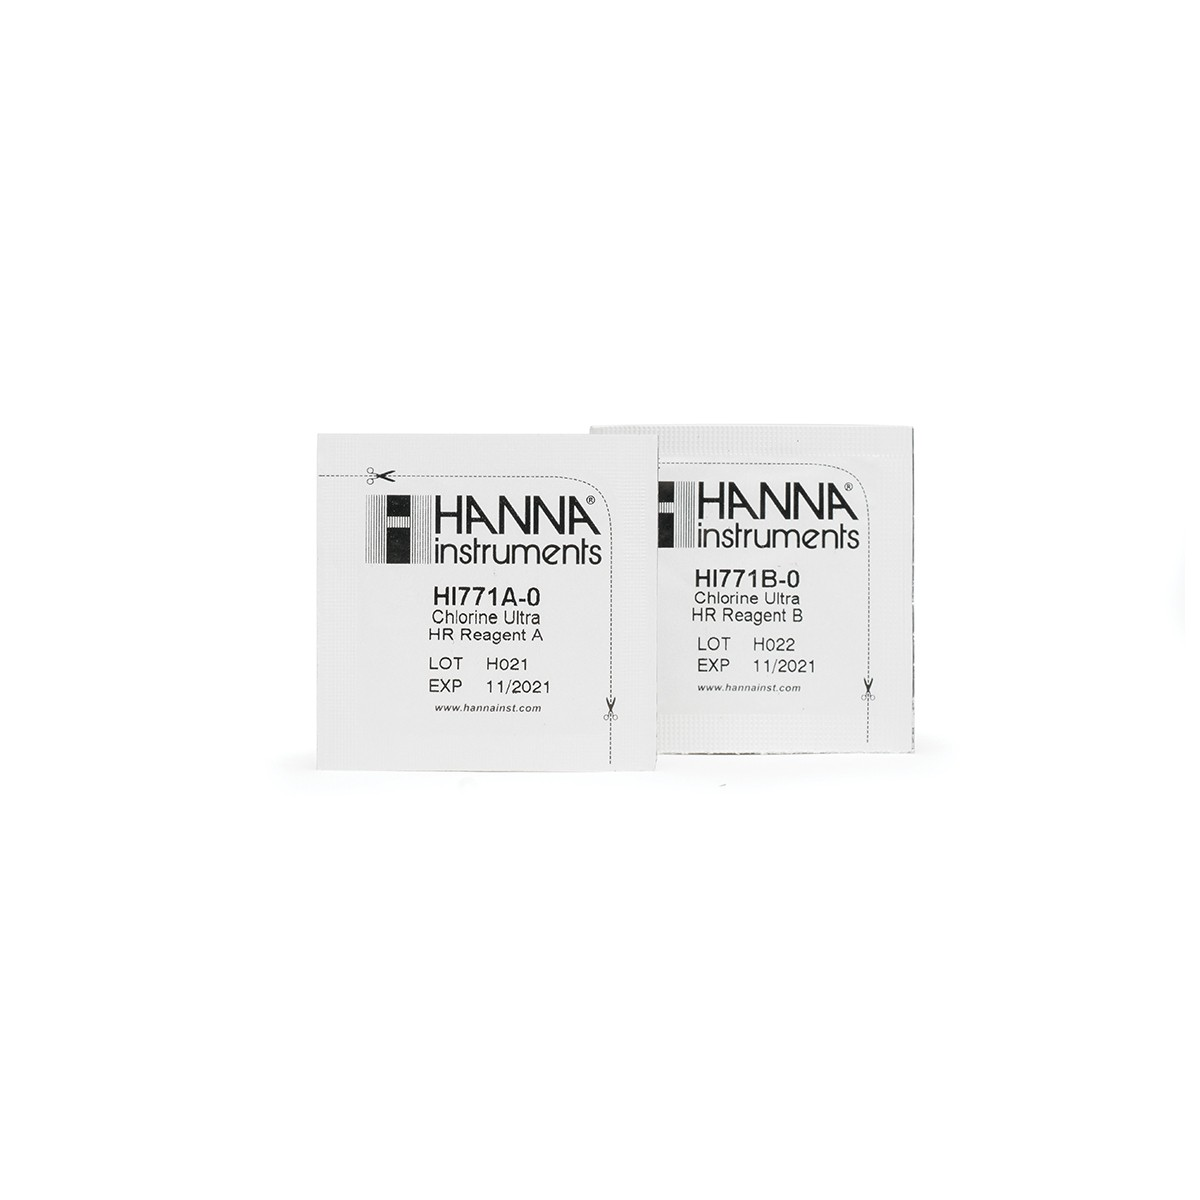 Thuốc Thử Clo HR Cho Checker HI771, 25 lần HI771-25